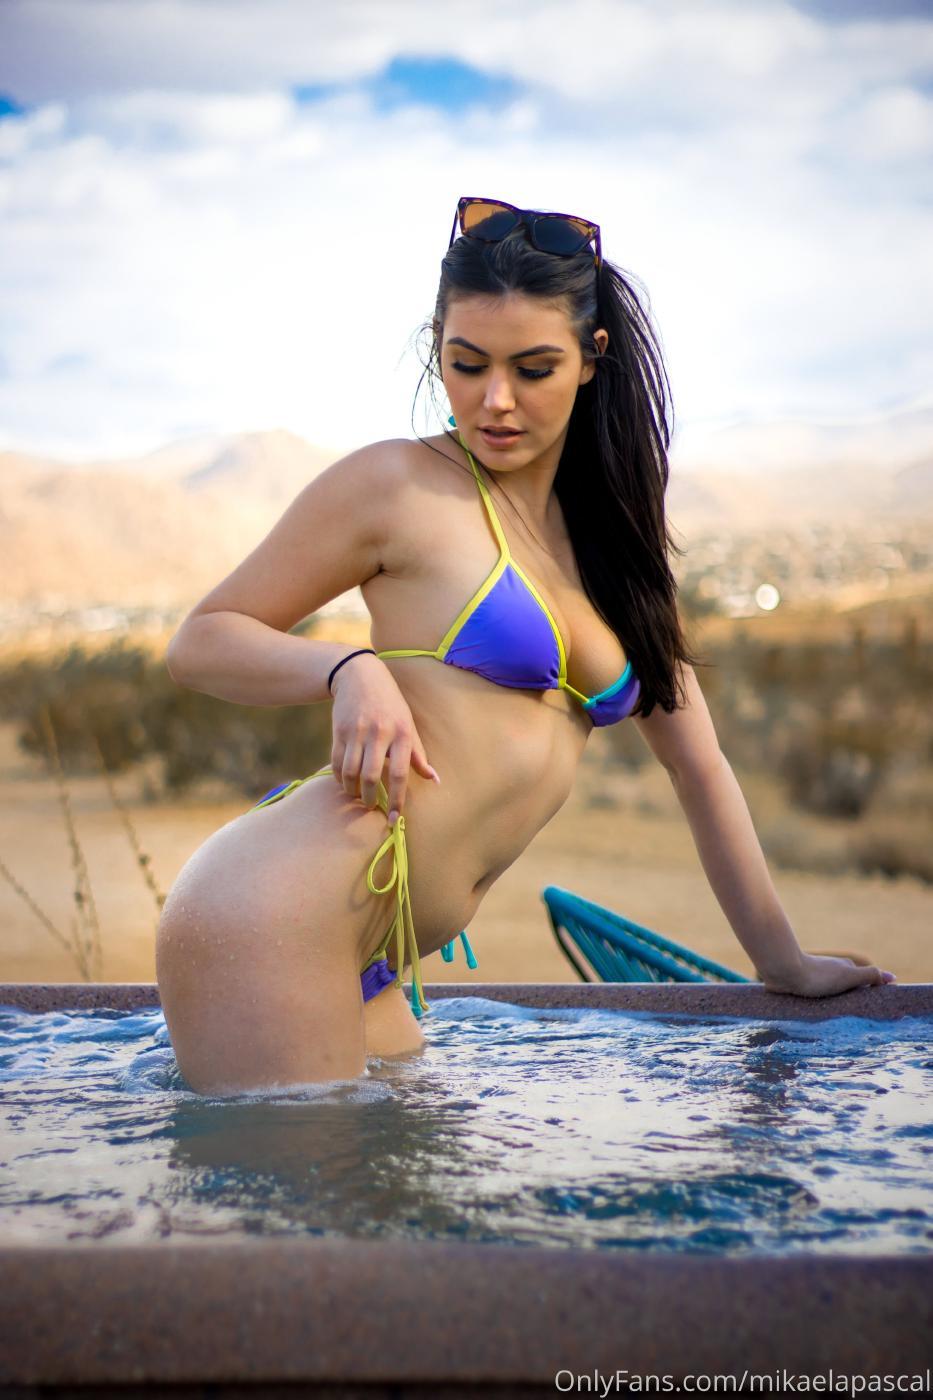 Mikaela Pascal Hot Tub Onlyfans Set Leaked 0003